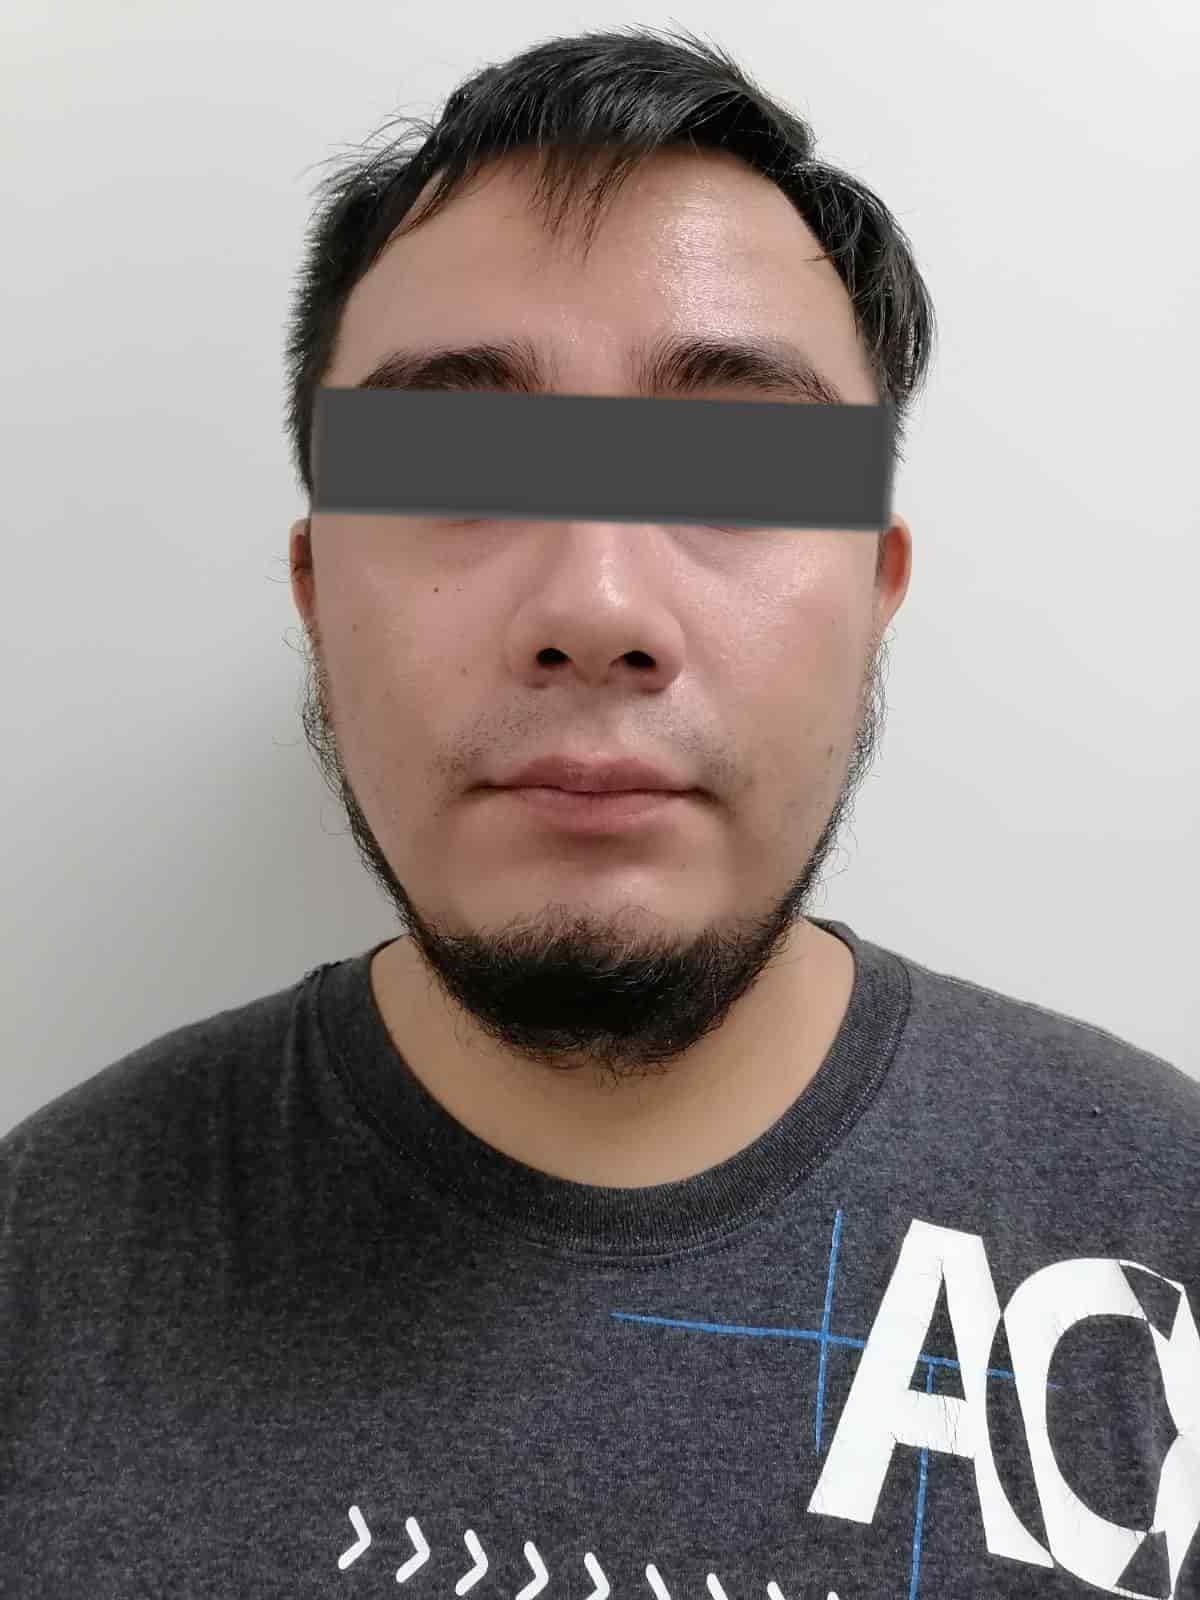 Arrestado a más de un meses y medio después de haber privado de la vida a una joven